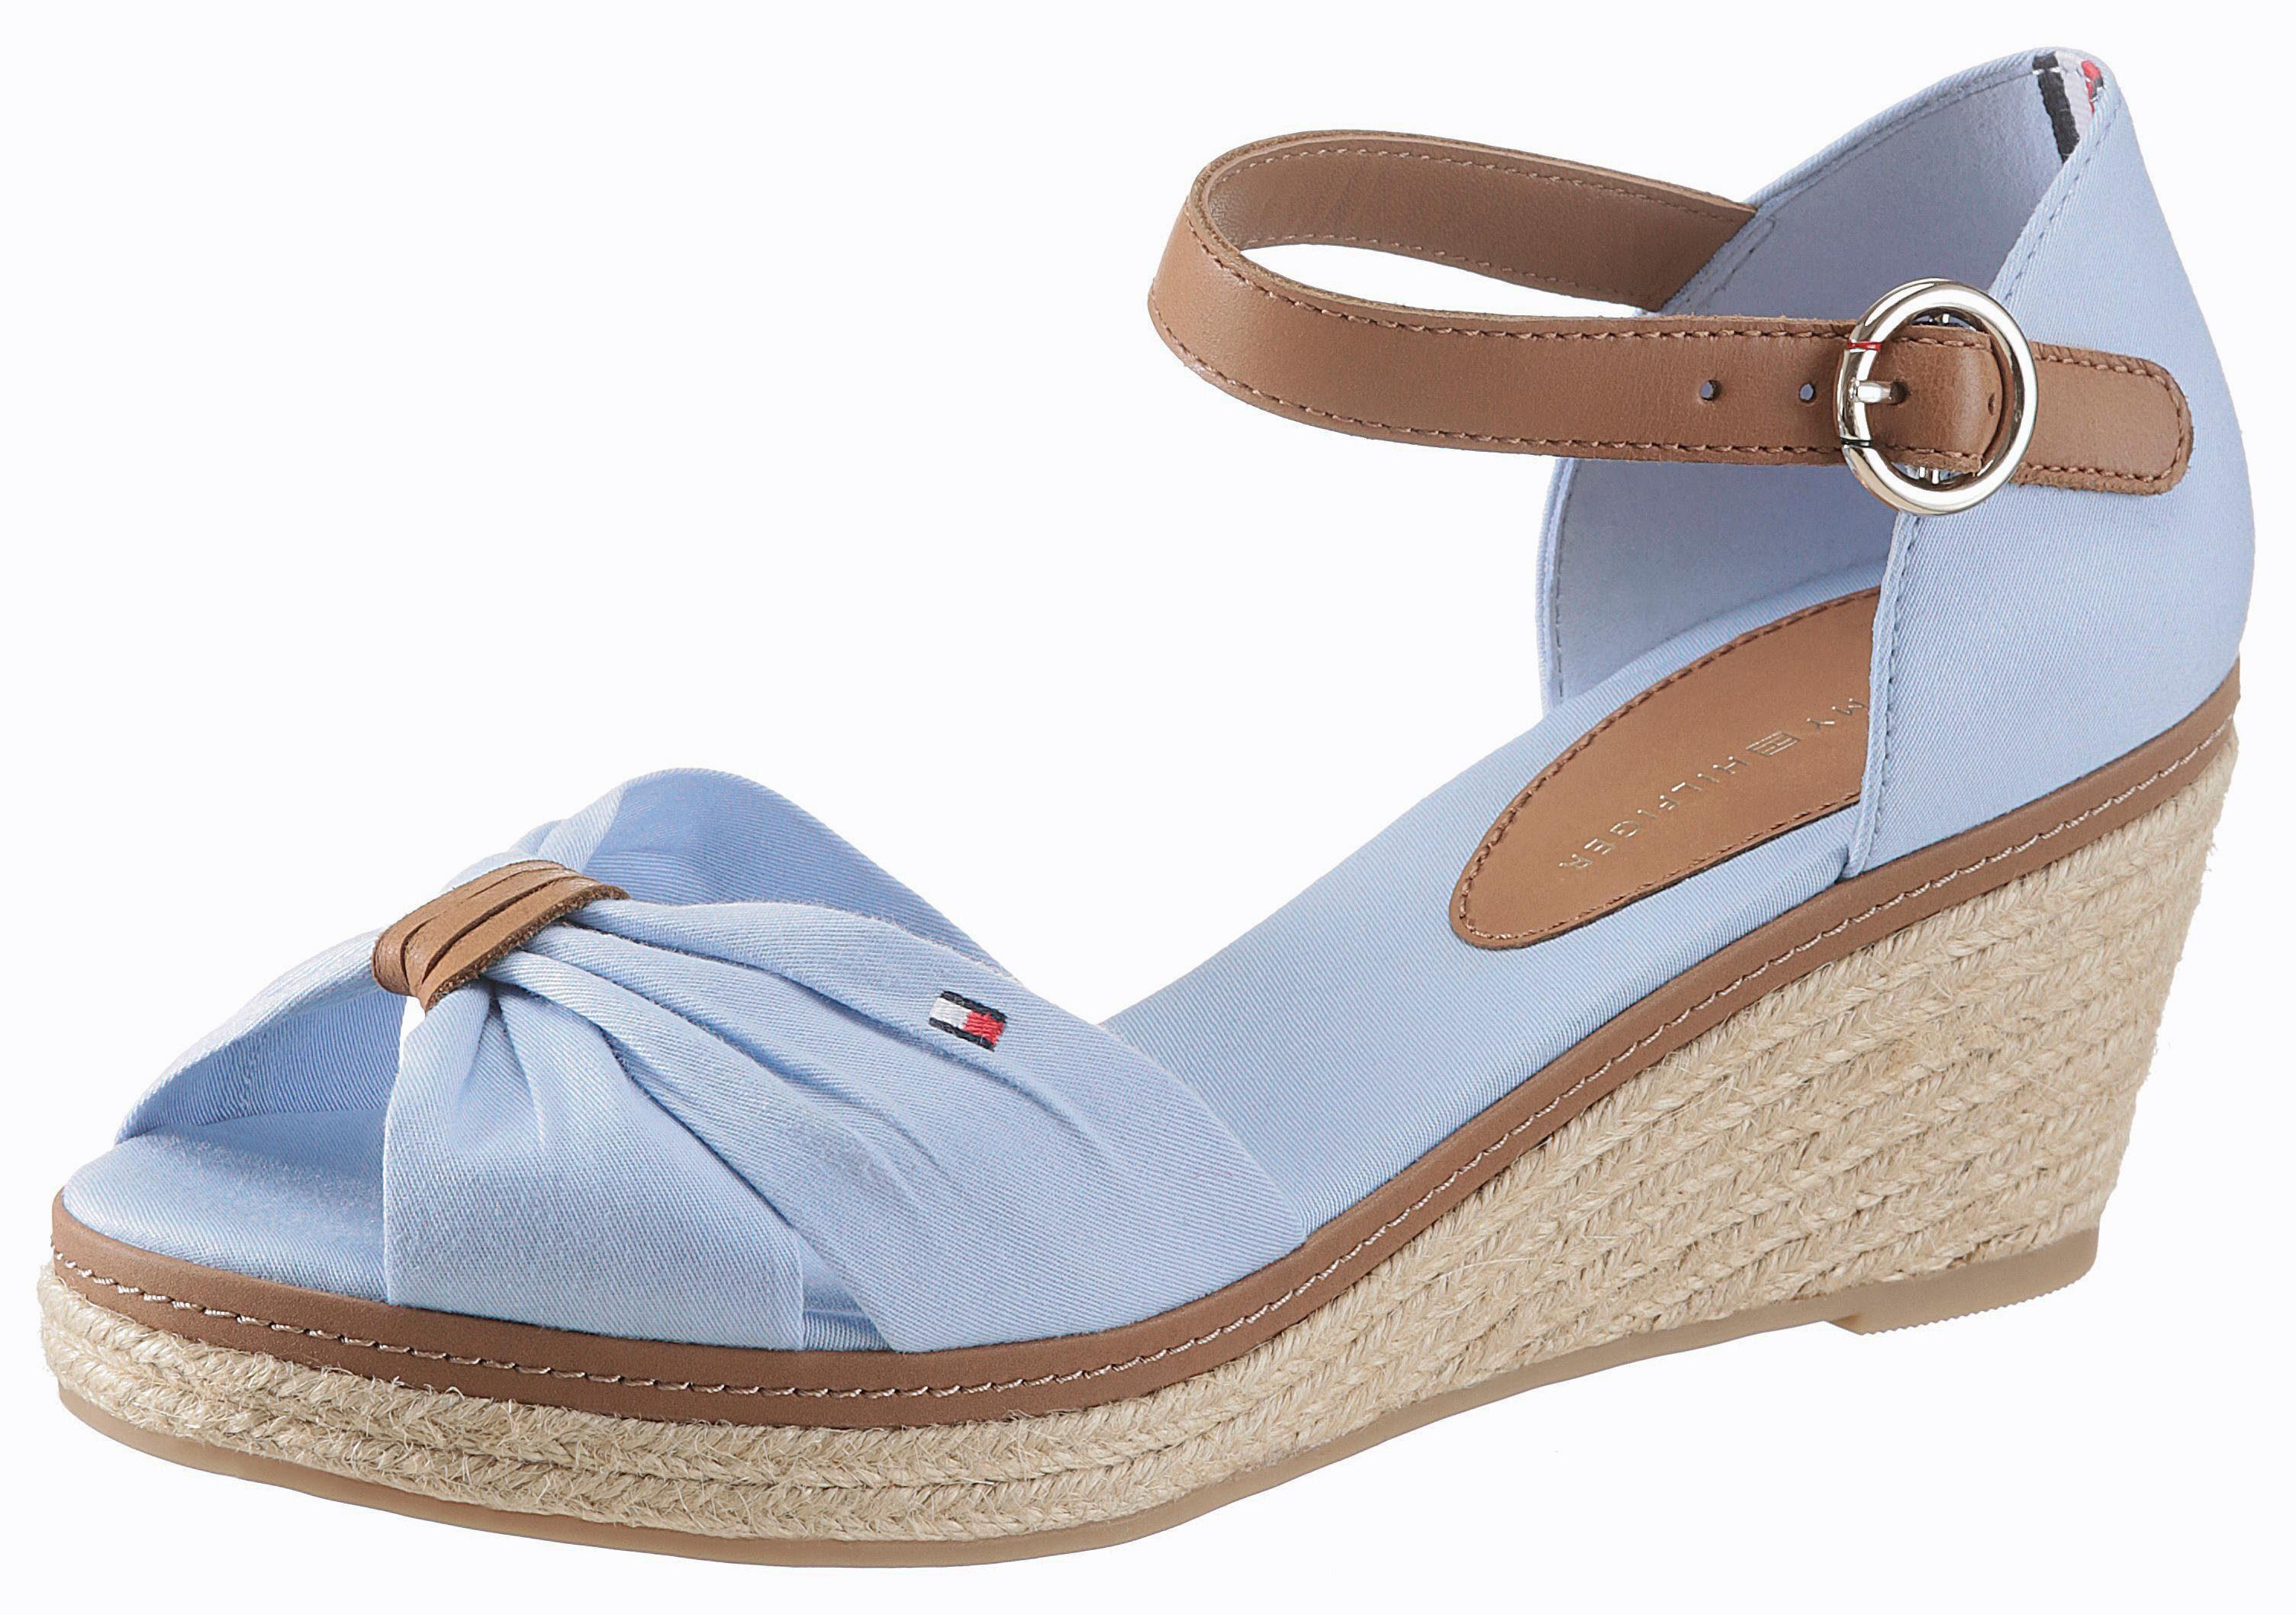 Tommy Hilfiger Elba 40 Sandalette, mit verstellbarem Riemchen online kaufen  hellblau